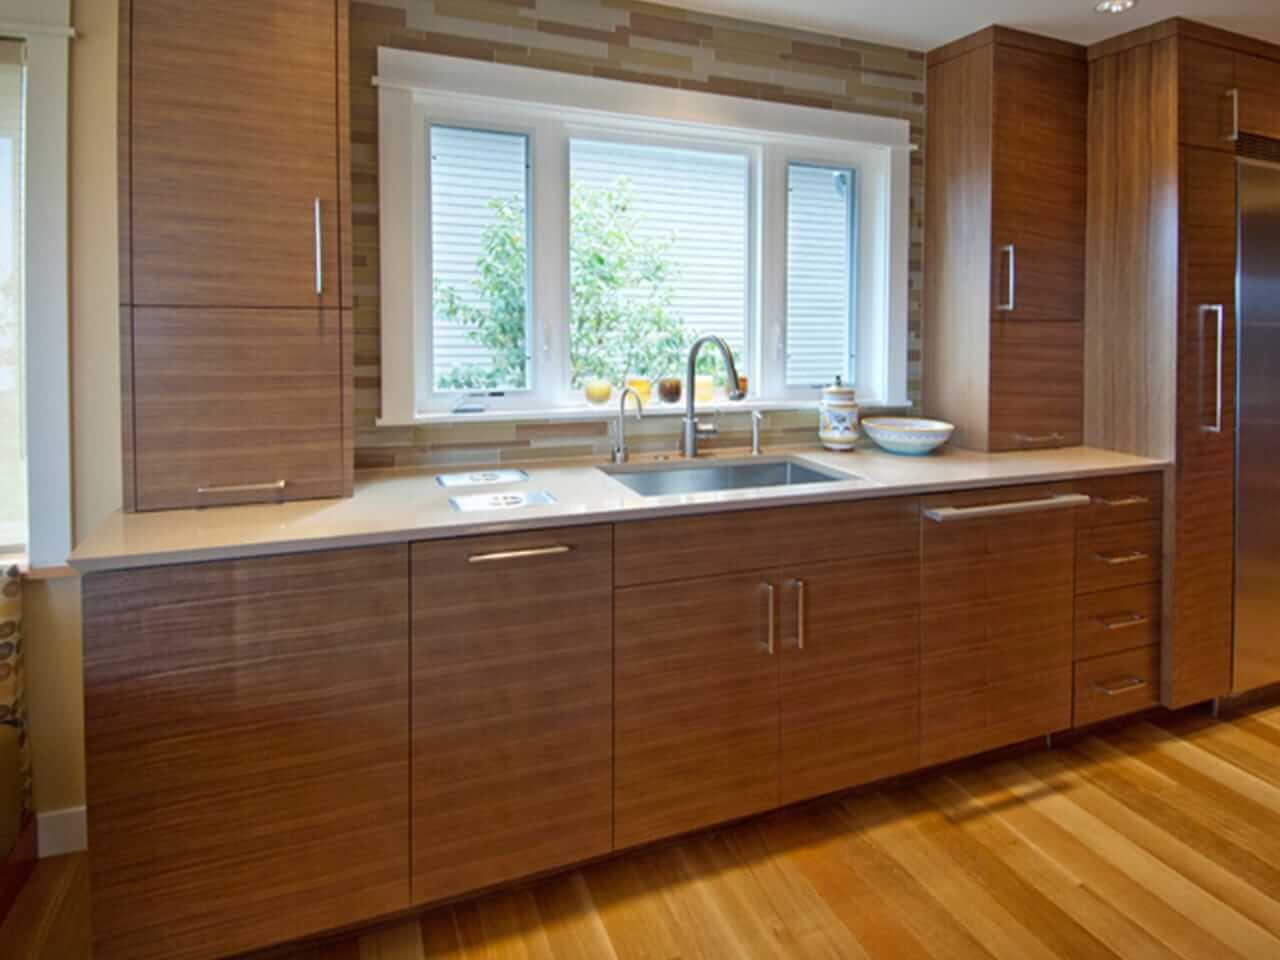 Cambria clyde kitchen and bathroom countertop color - Clyde Cambria Quartz 3